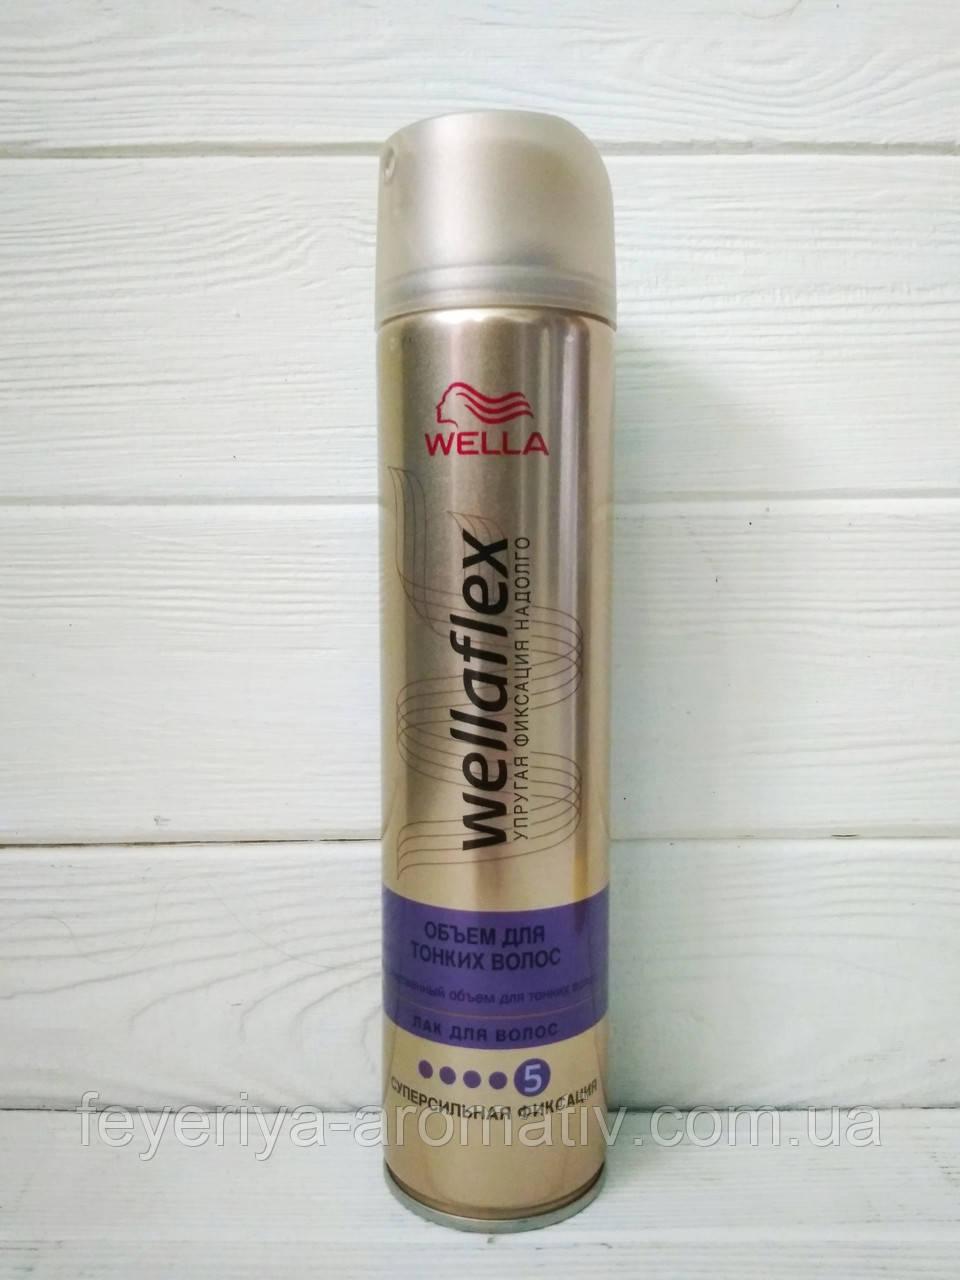 Лак для волос Wella Wellaflex суперсильная фиксация 5, 250мл (Германия)